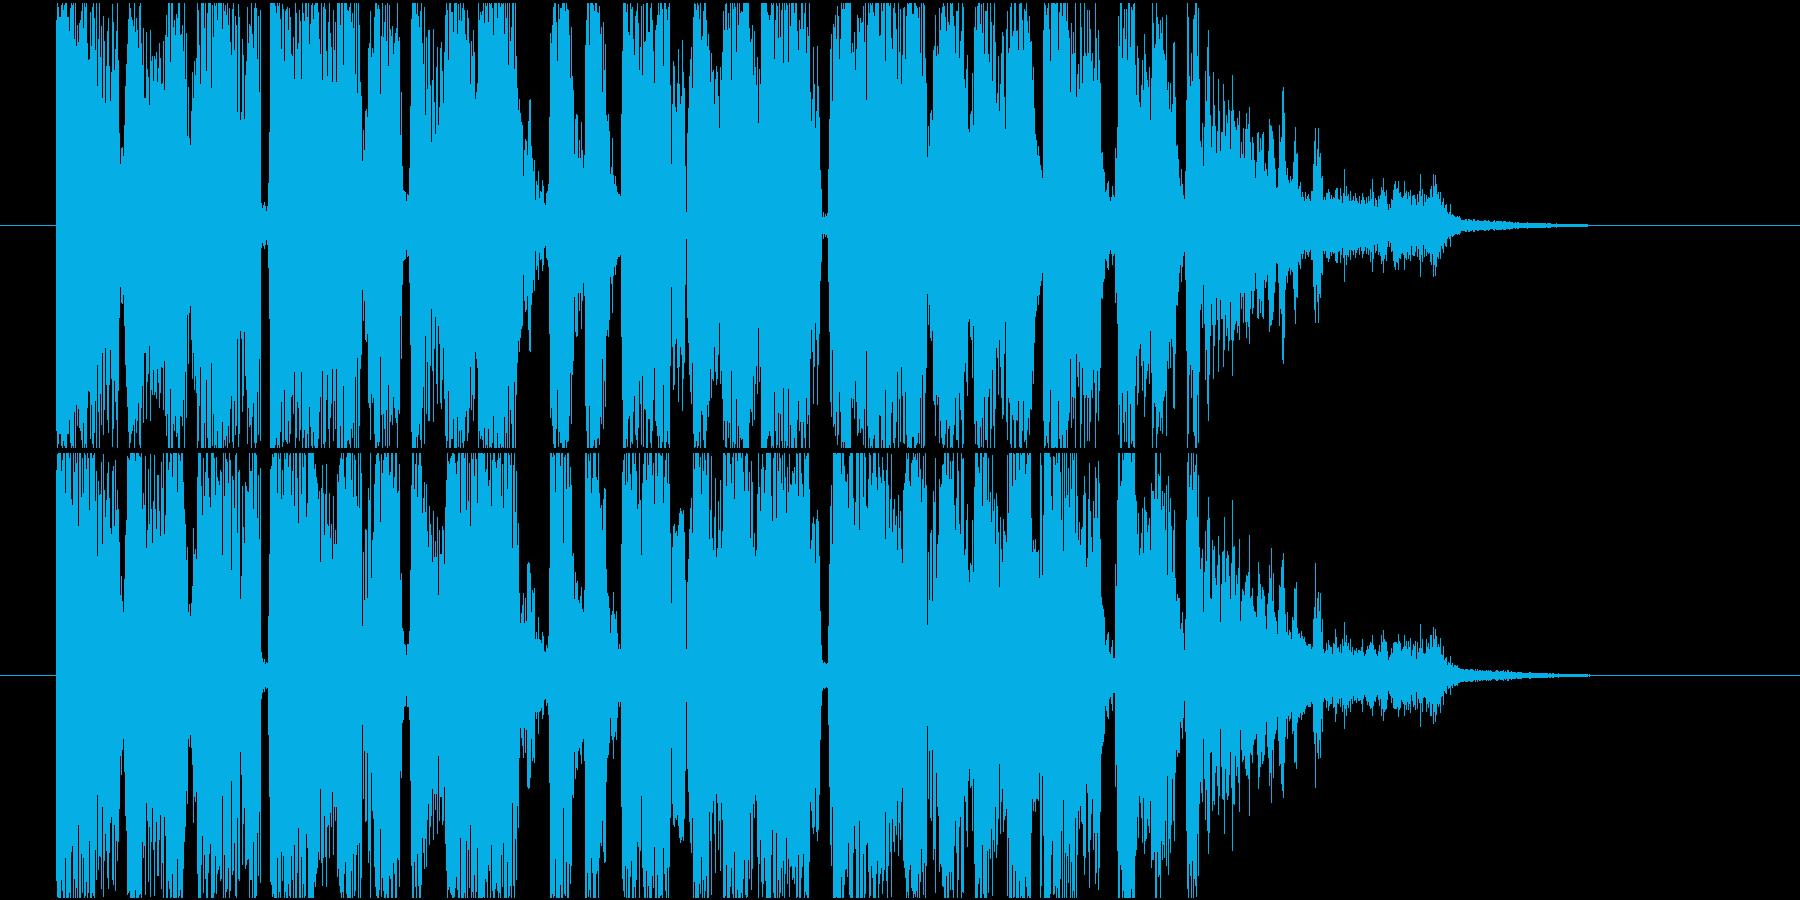 【ジングル】疾走感あるテクノ調の曲の再生済みの波形